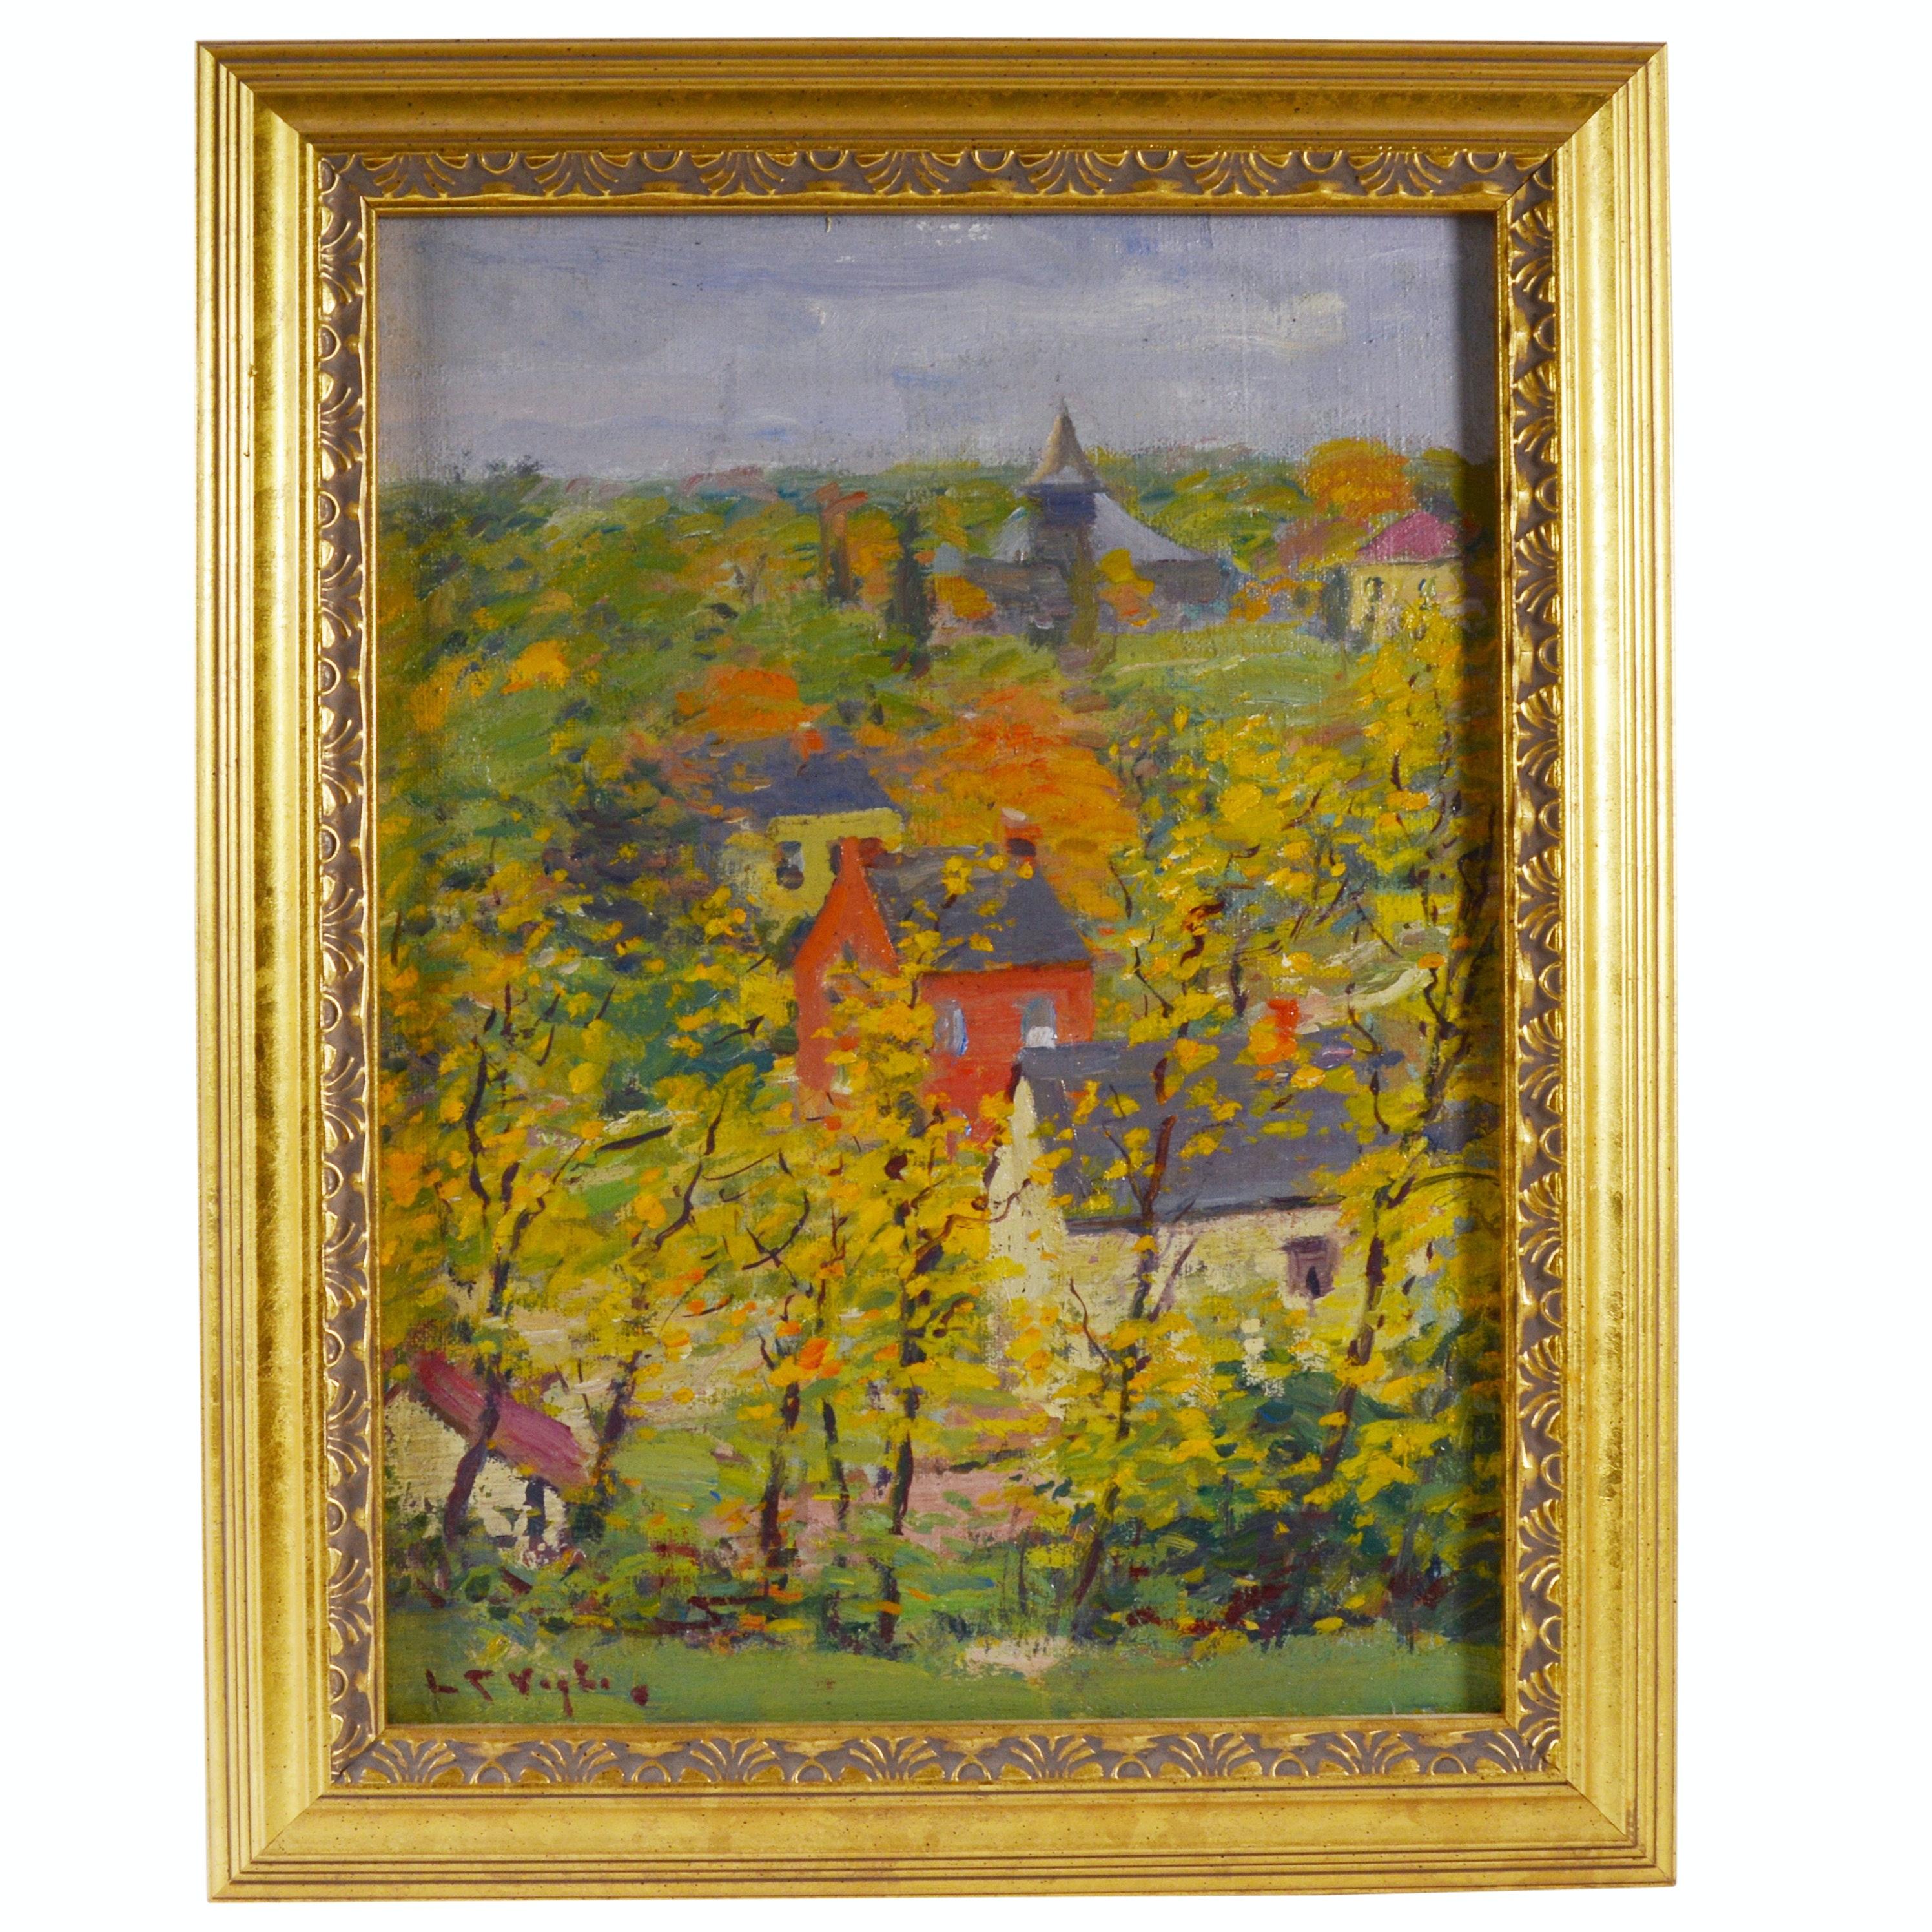 Louis Charles Vogt Oil Painting of Flowering Trees in Village